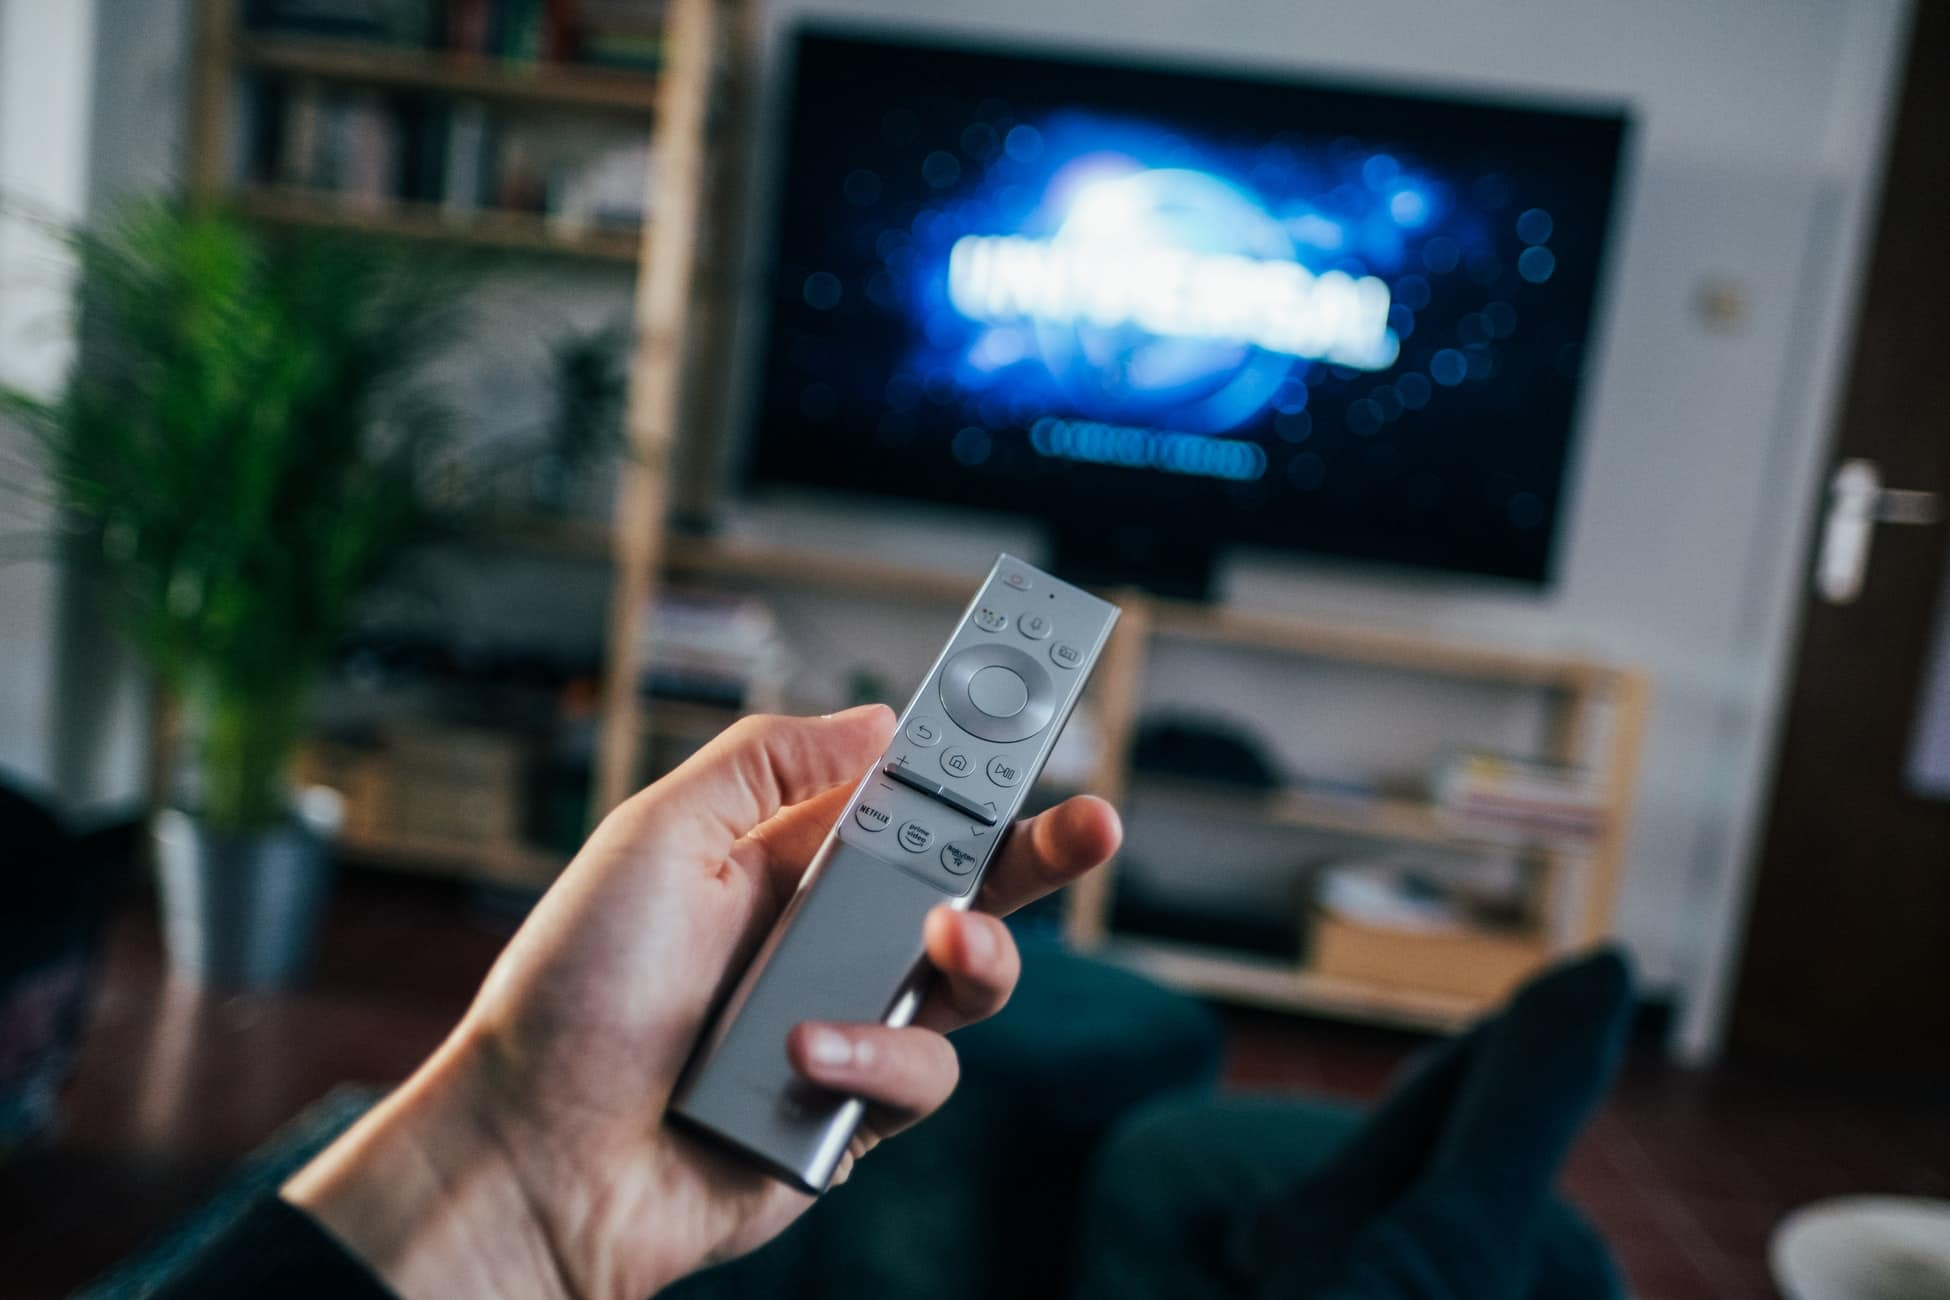 Smart TV comment ça fonctionne ?